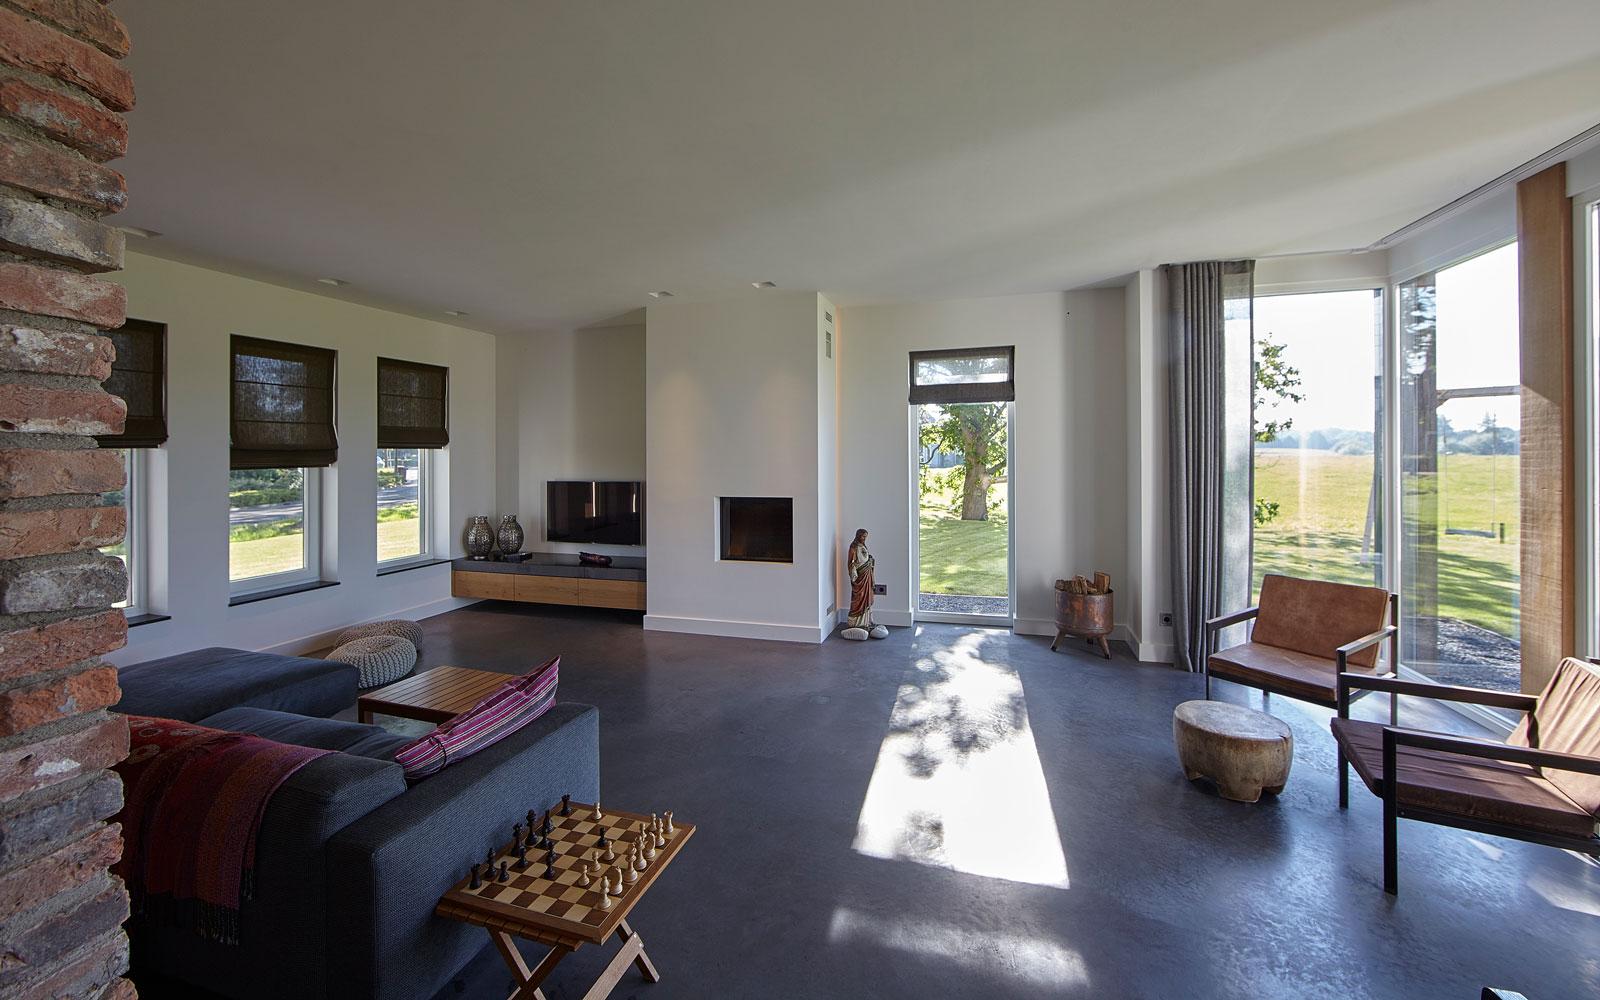 Ruime woonkamer, beton vloer, uitzicht, grote ramen, open haard, landelijk, industrieel, Wolfs Architecten